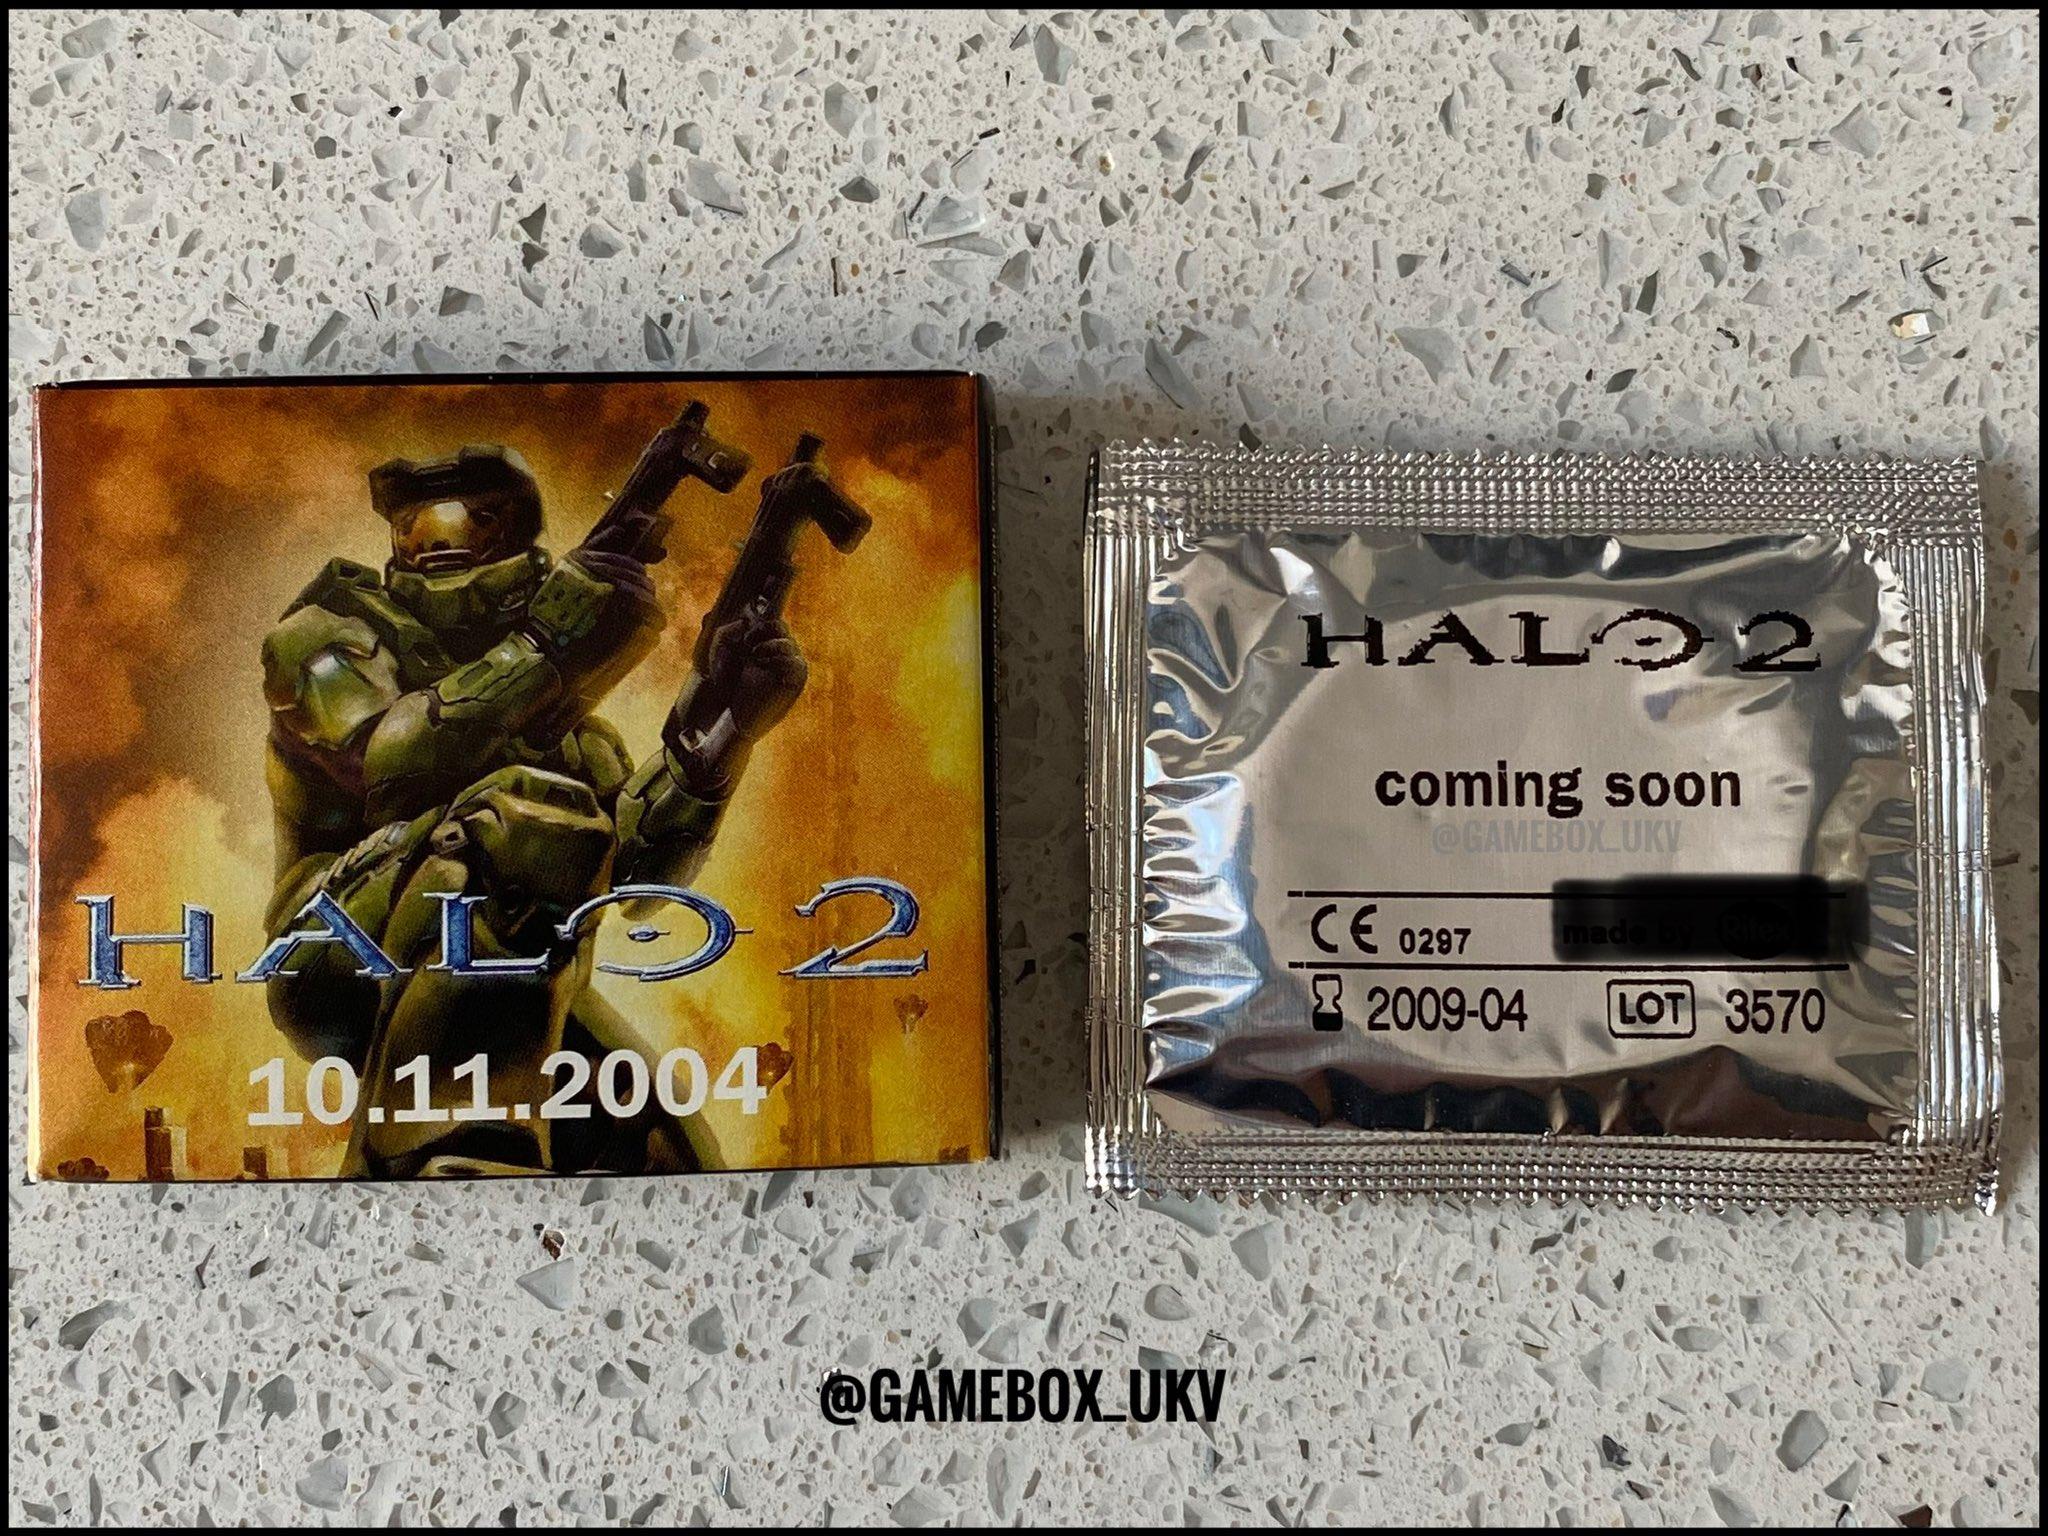 Xbox死忠粉晒出17年前《光环2》官方安全套